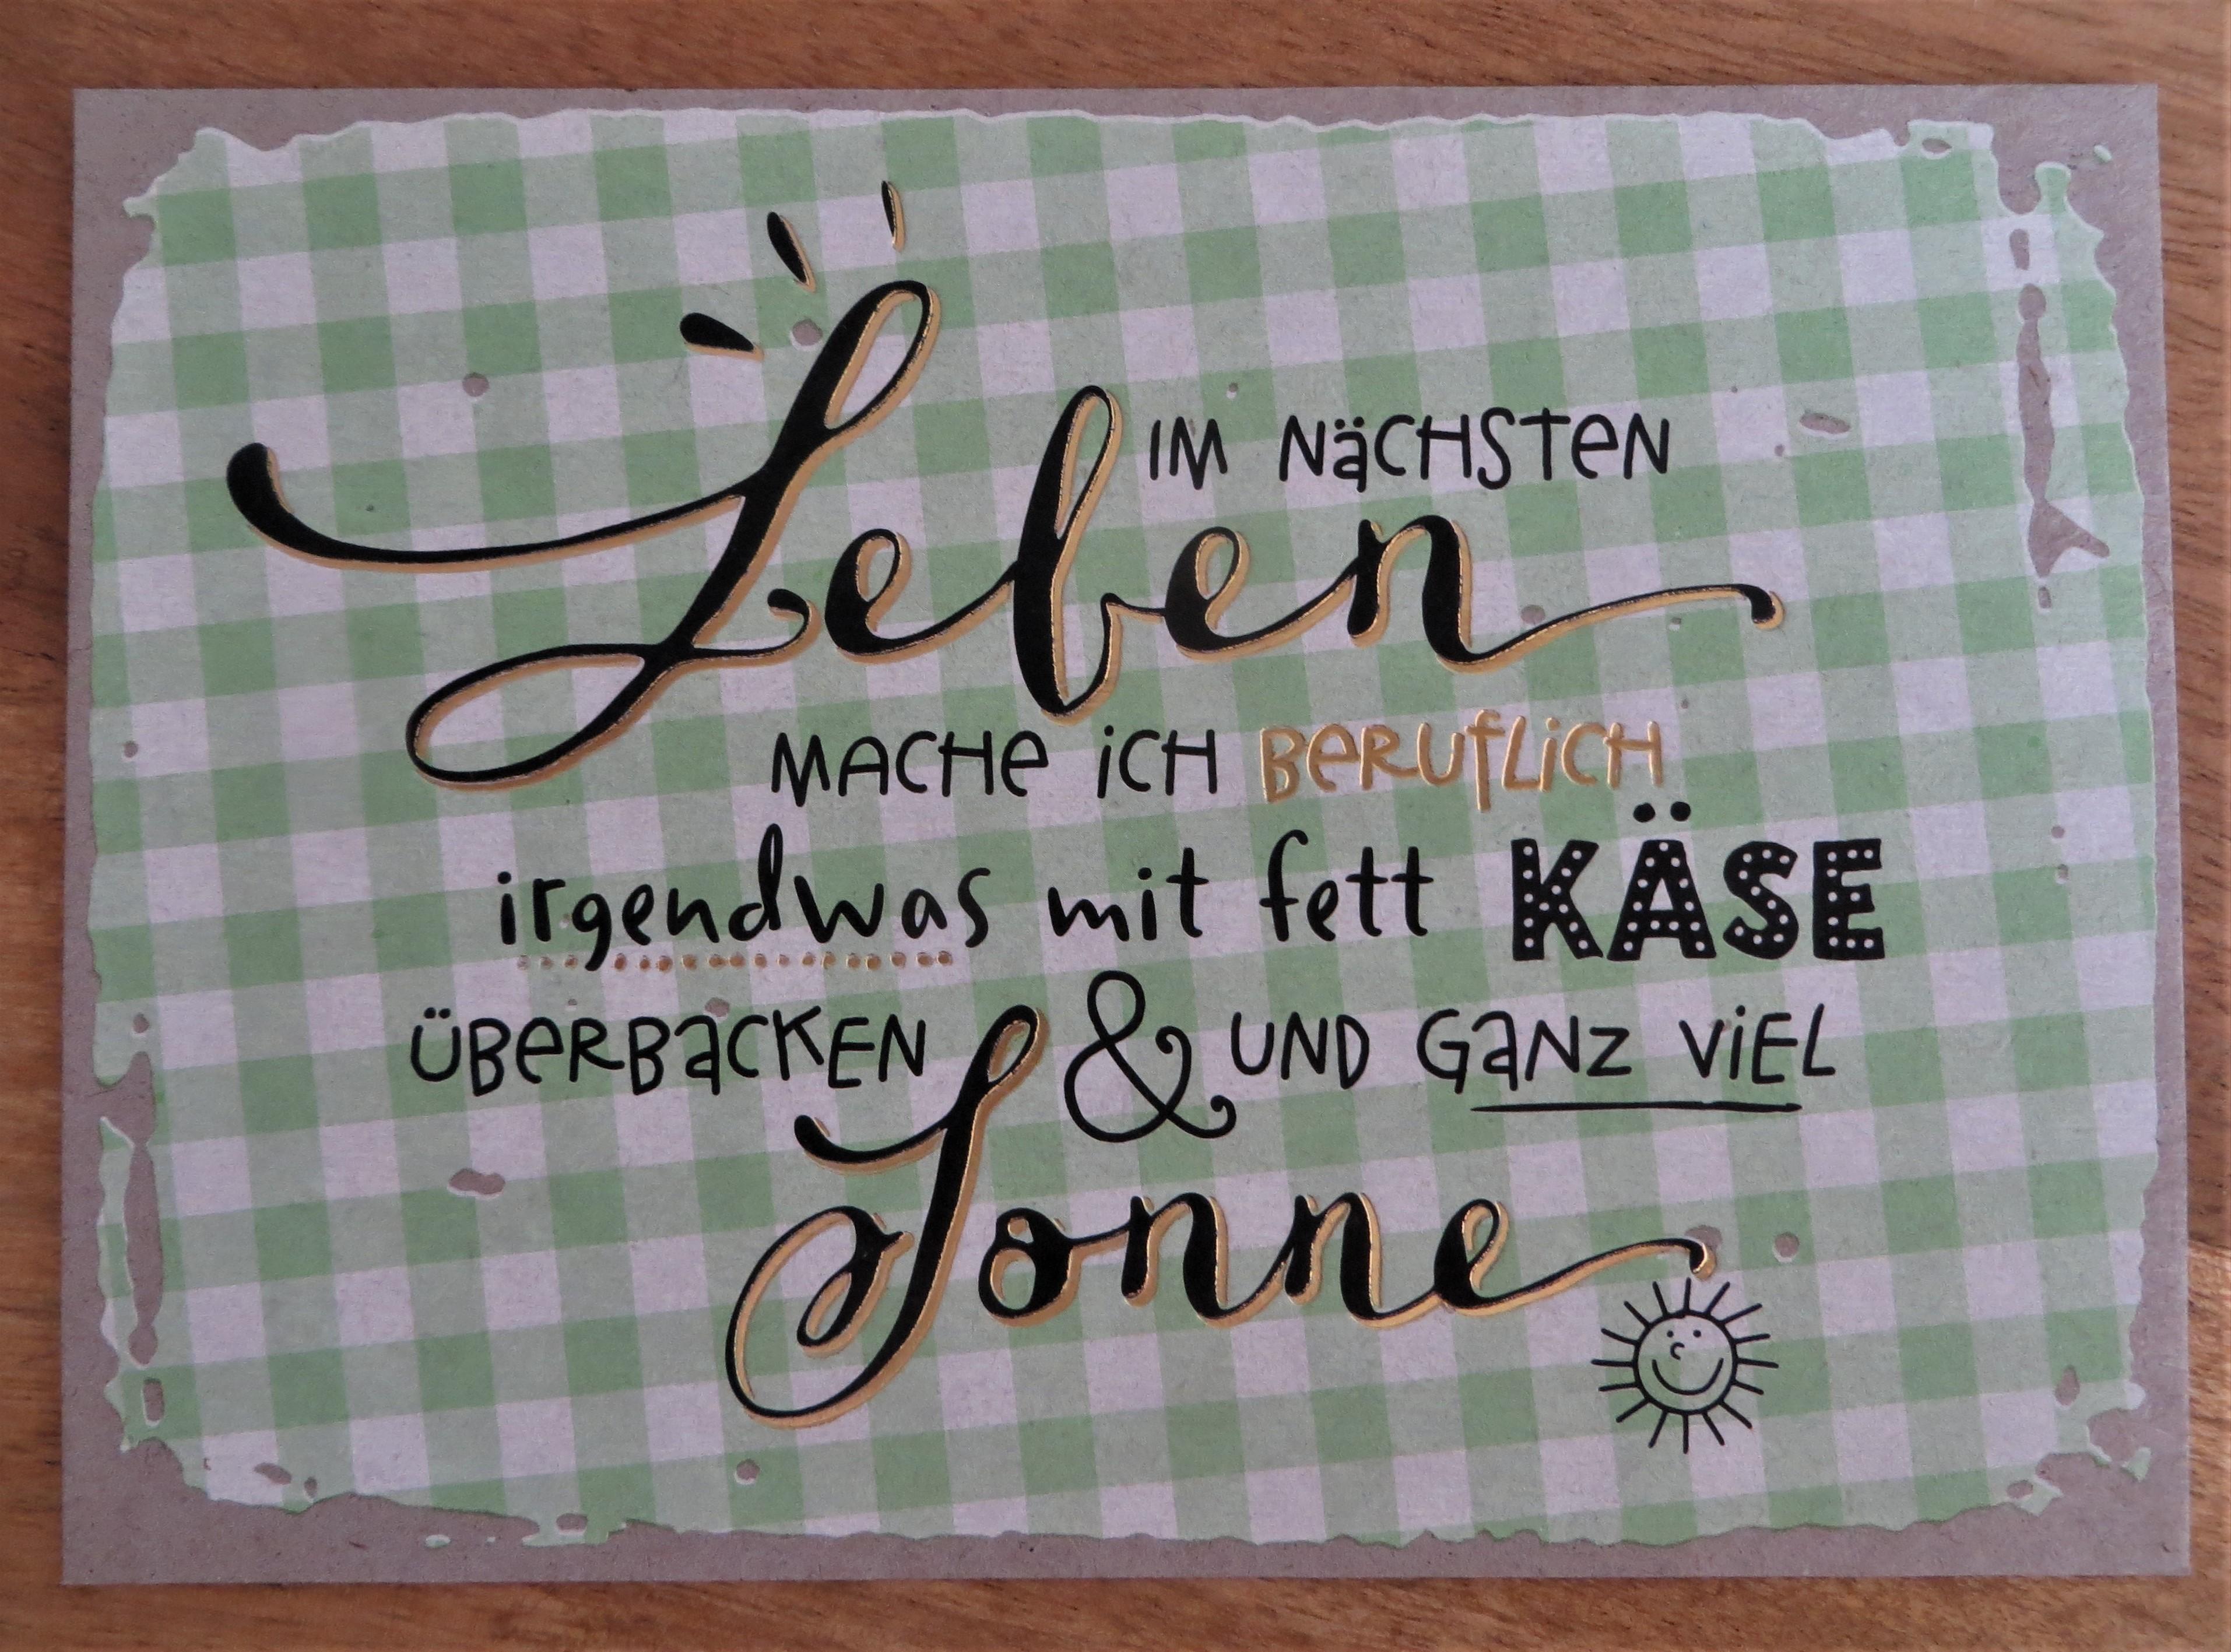 Nützlichgrusskarten - Postkarte Im nächsten Leben mache ich beruflich irgendwas mit... KUNST und BILD - Onlineshop Tante Emmer